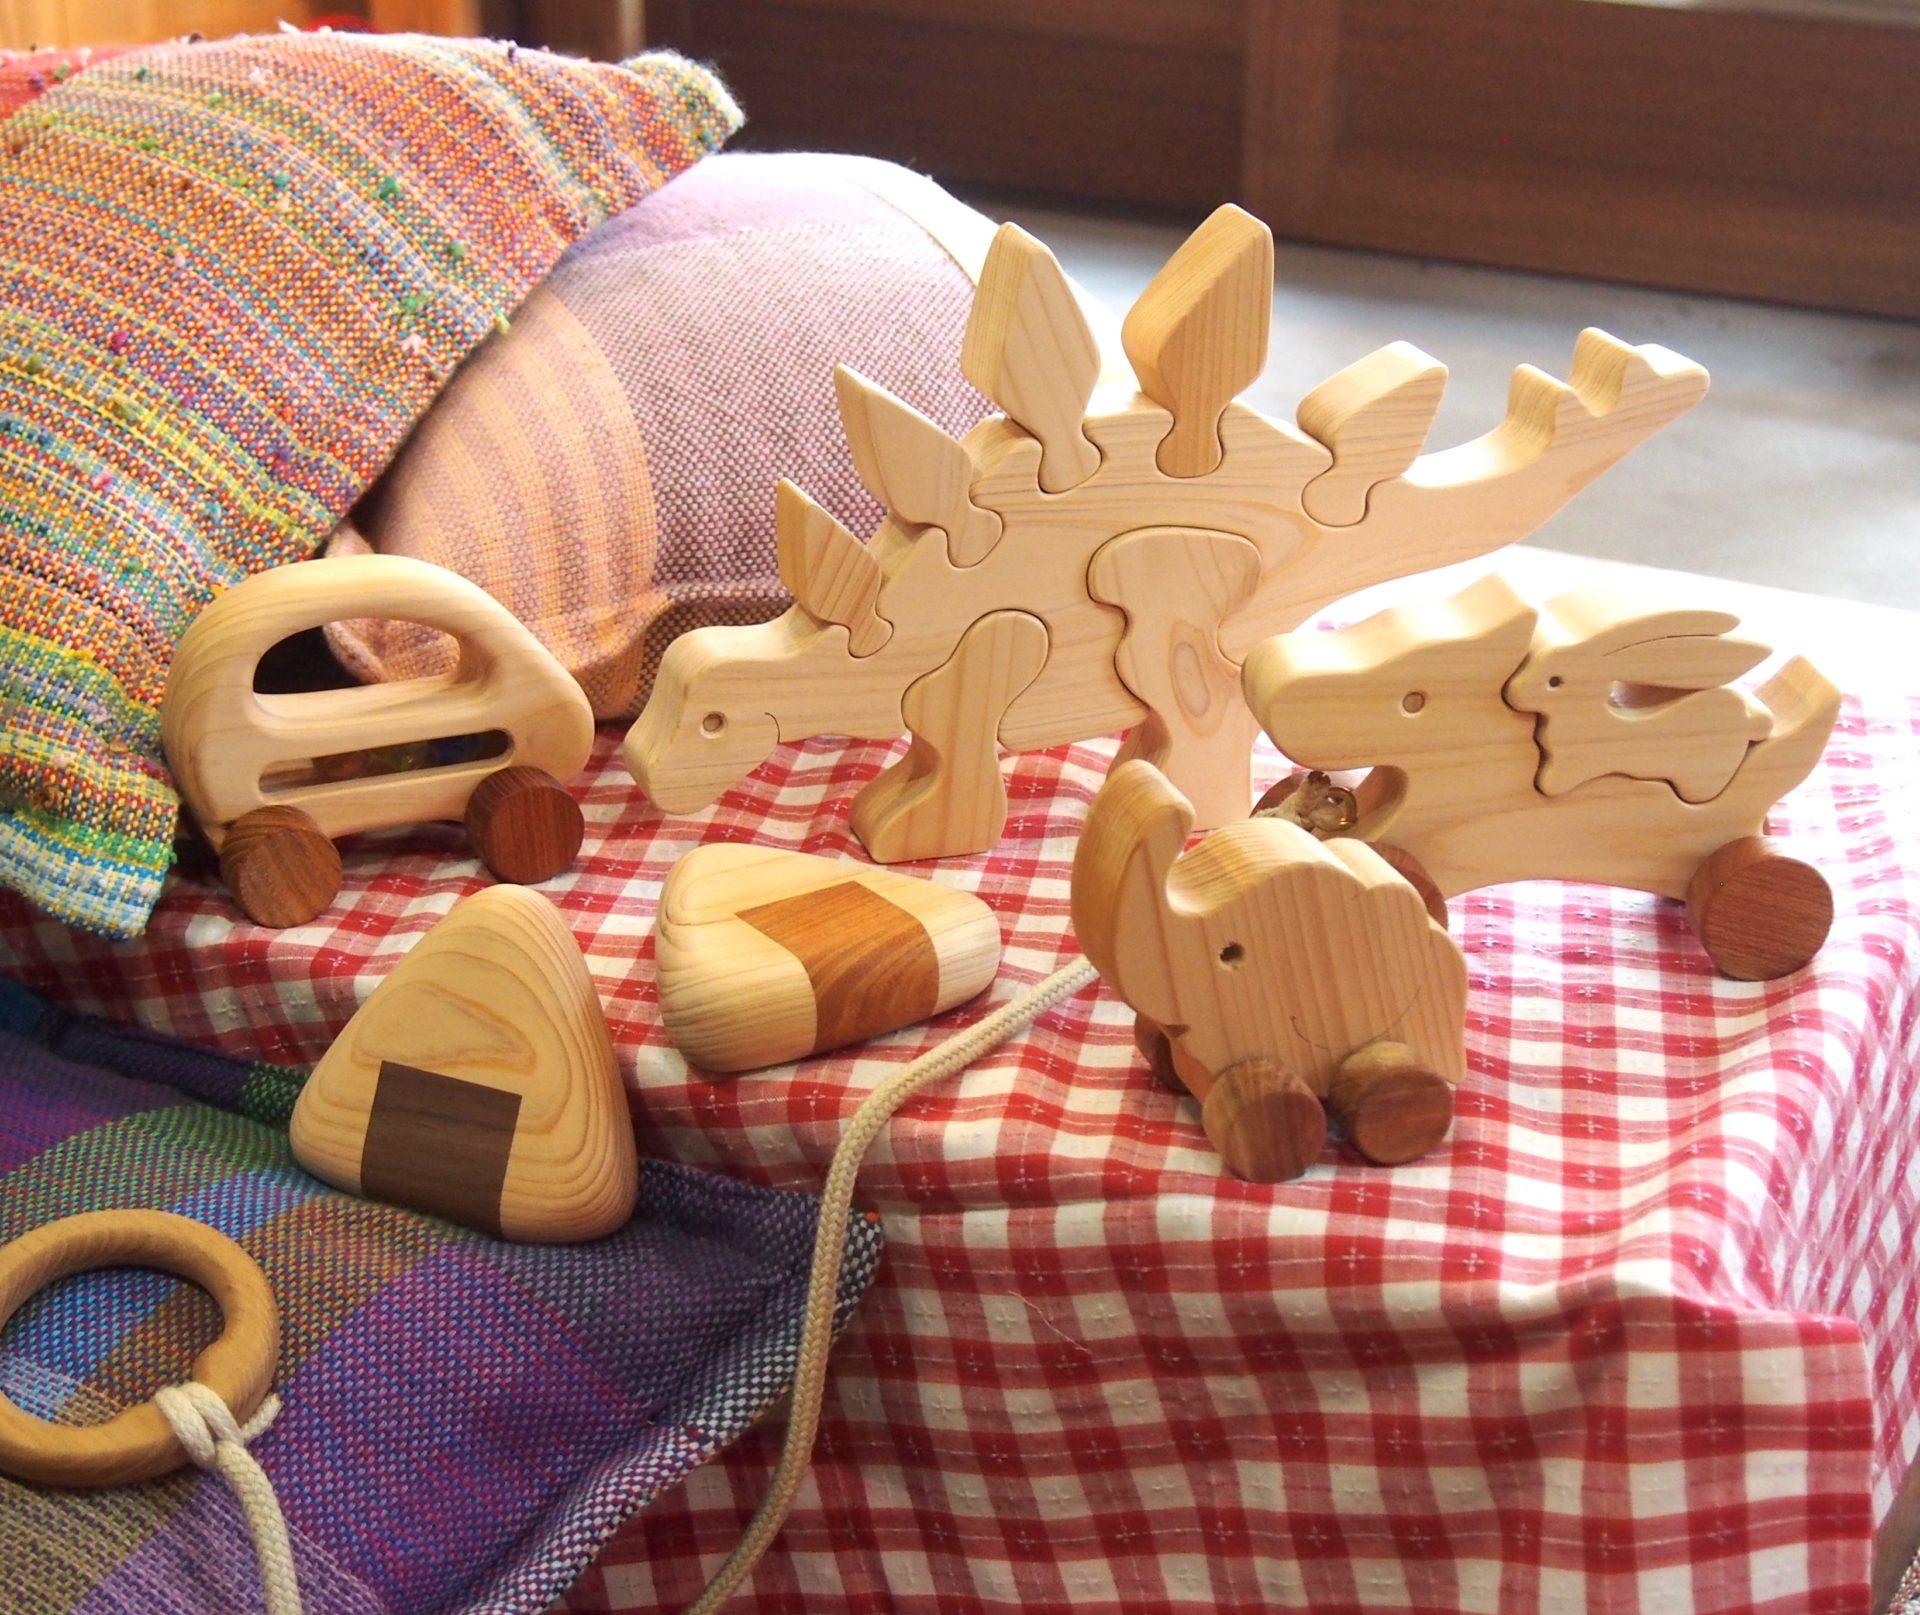 木 の おもちゃ 【日本製】木のおもちゃブランド一覧 木のおもちゃ専門店...